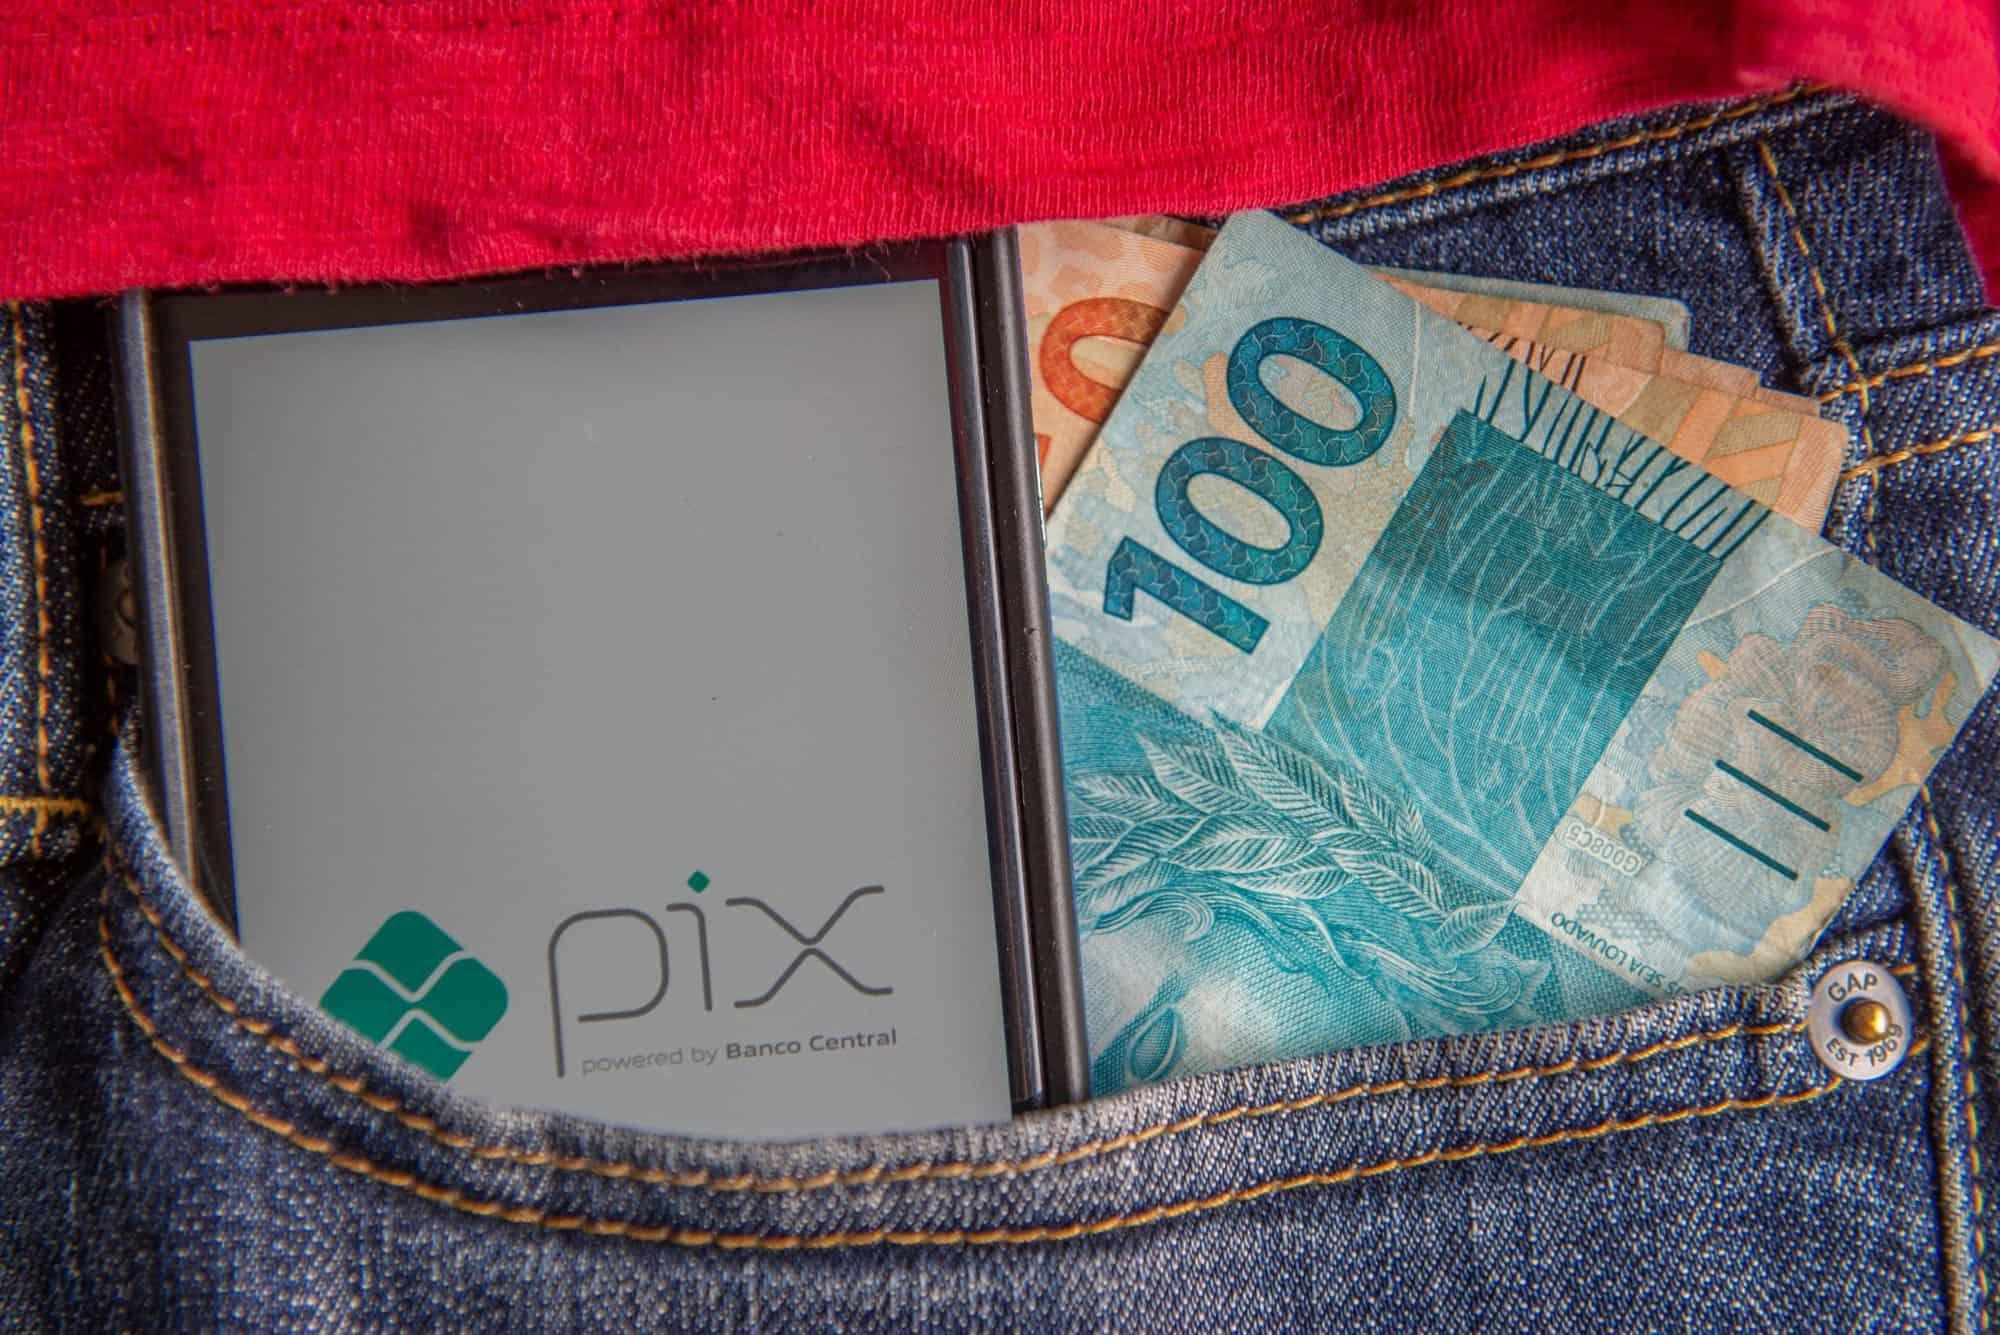 Golpes via PIX se popularizam e recuperar o dinheiro fica mais difícil - Olhar Digital